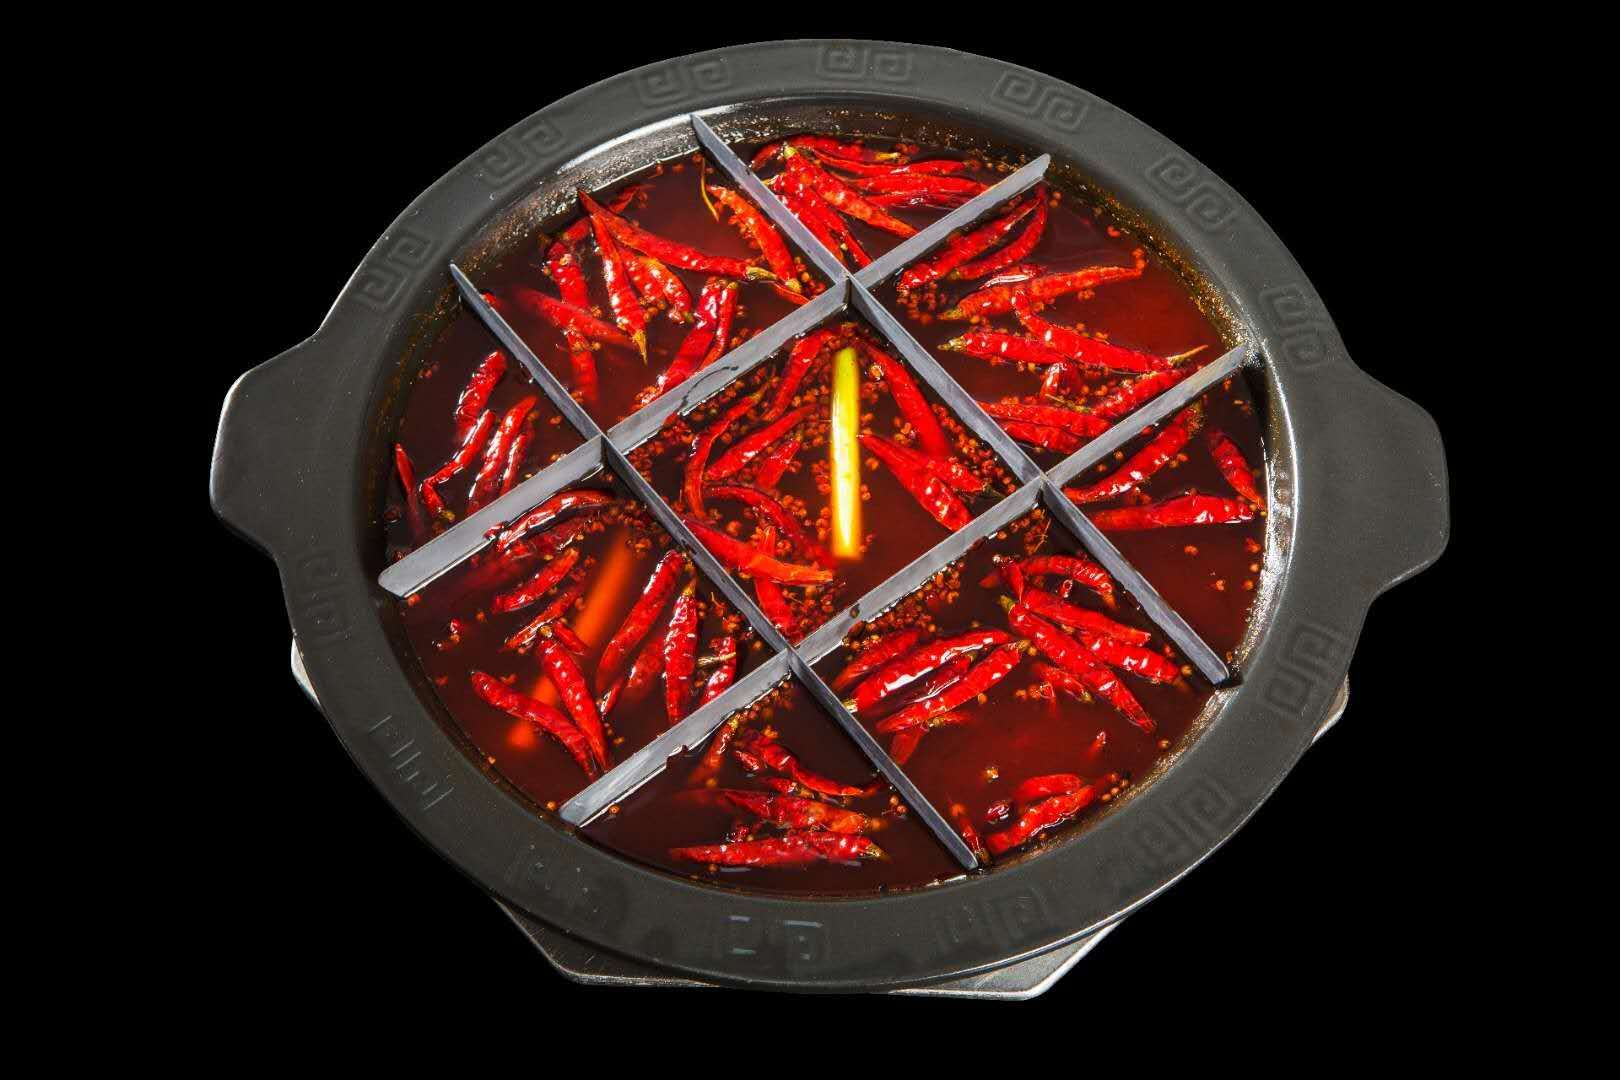 好吃的火锅底料